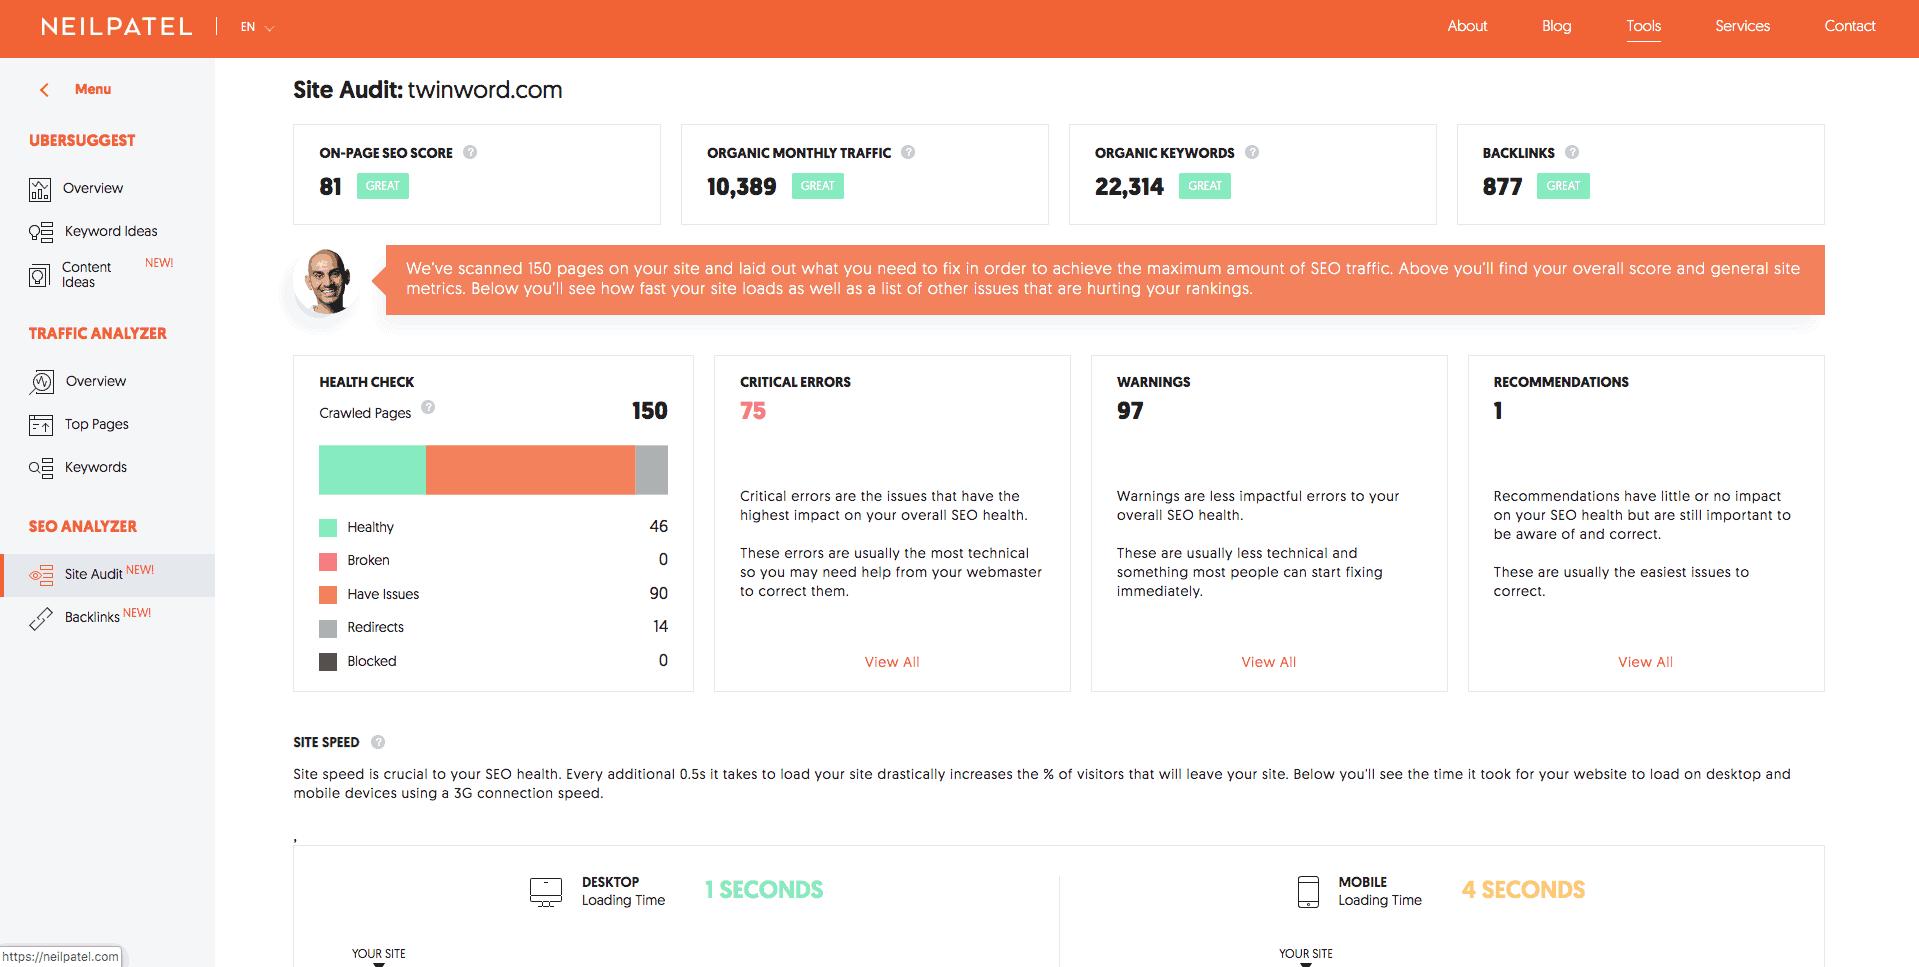 Neil Patel SEO analyzer tool